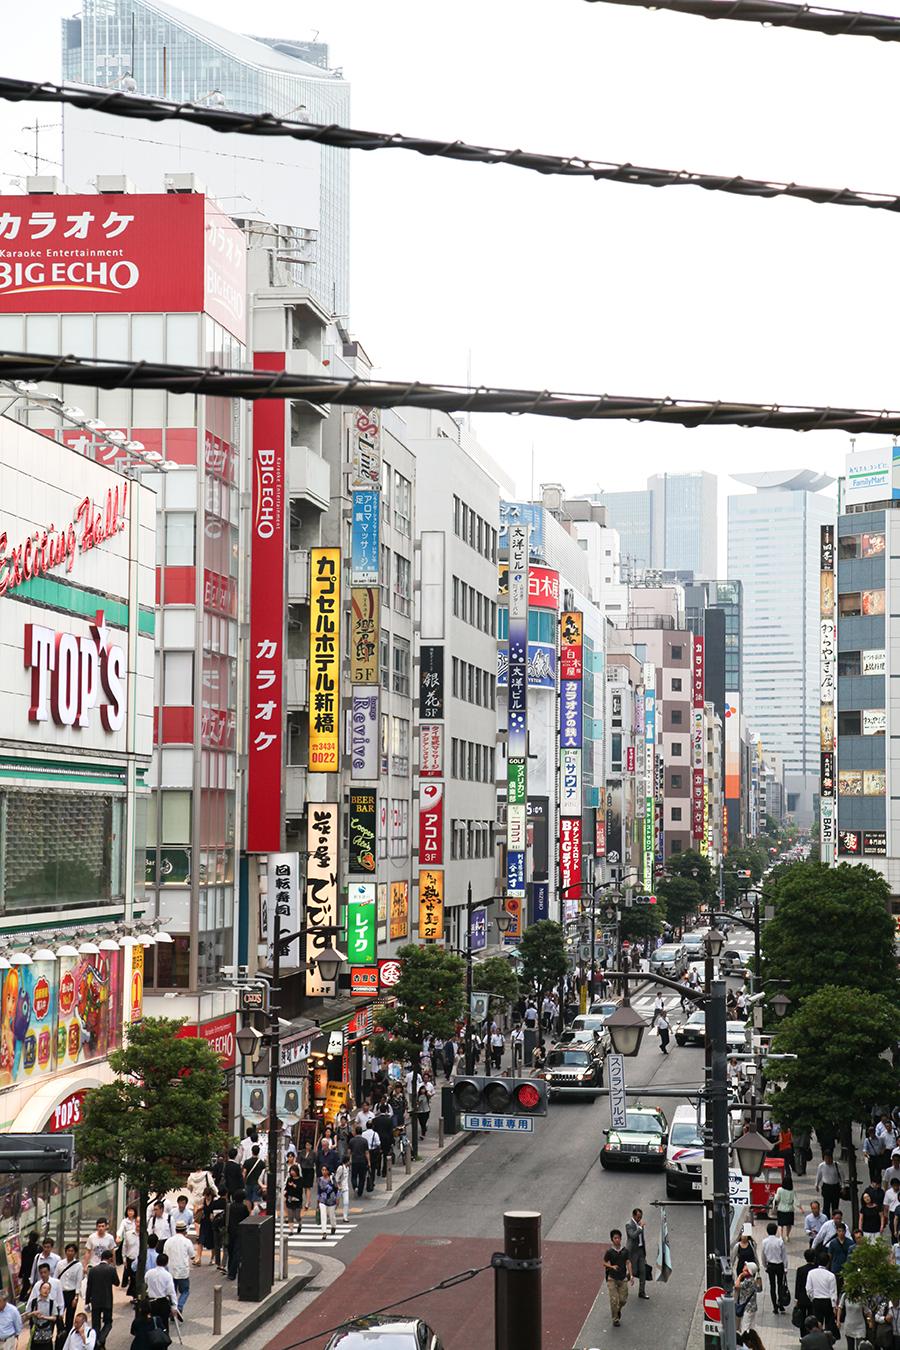 strada tokyo